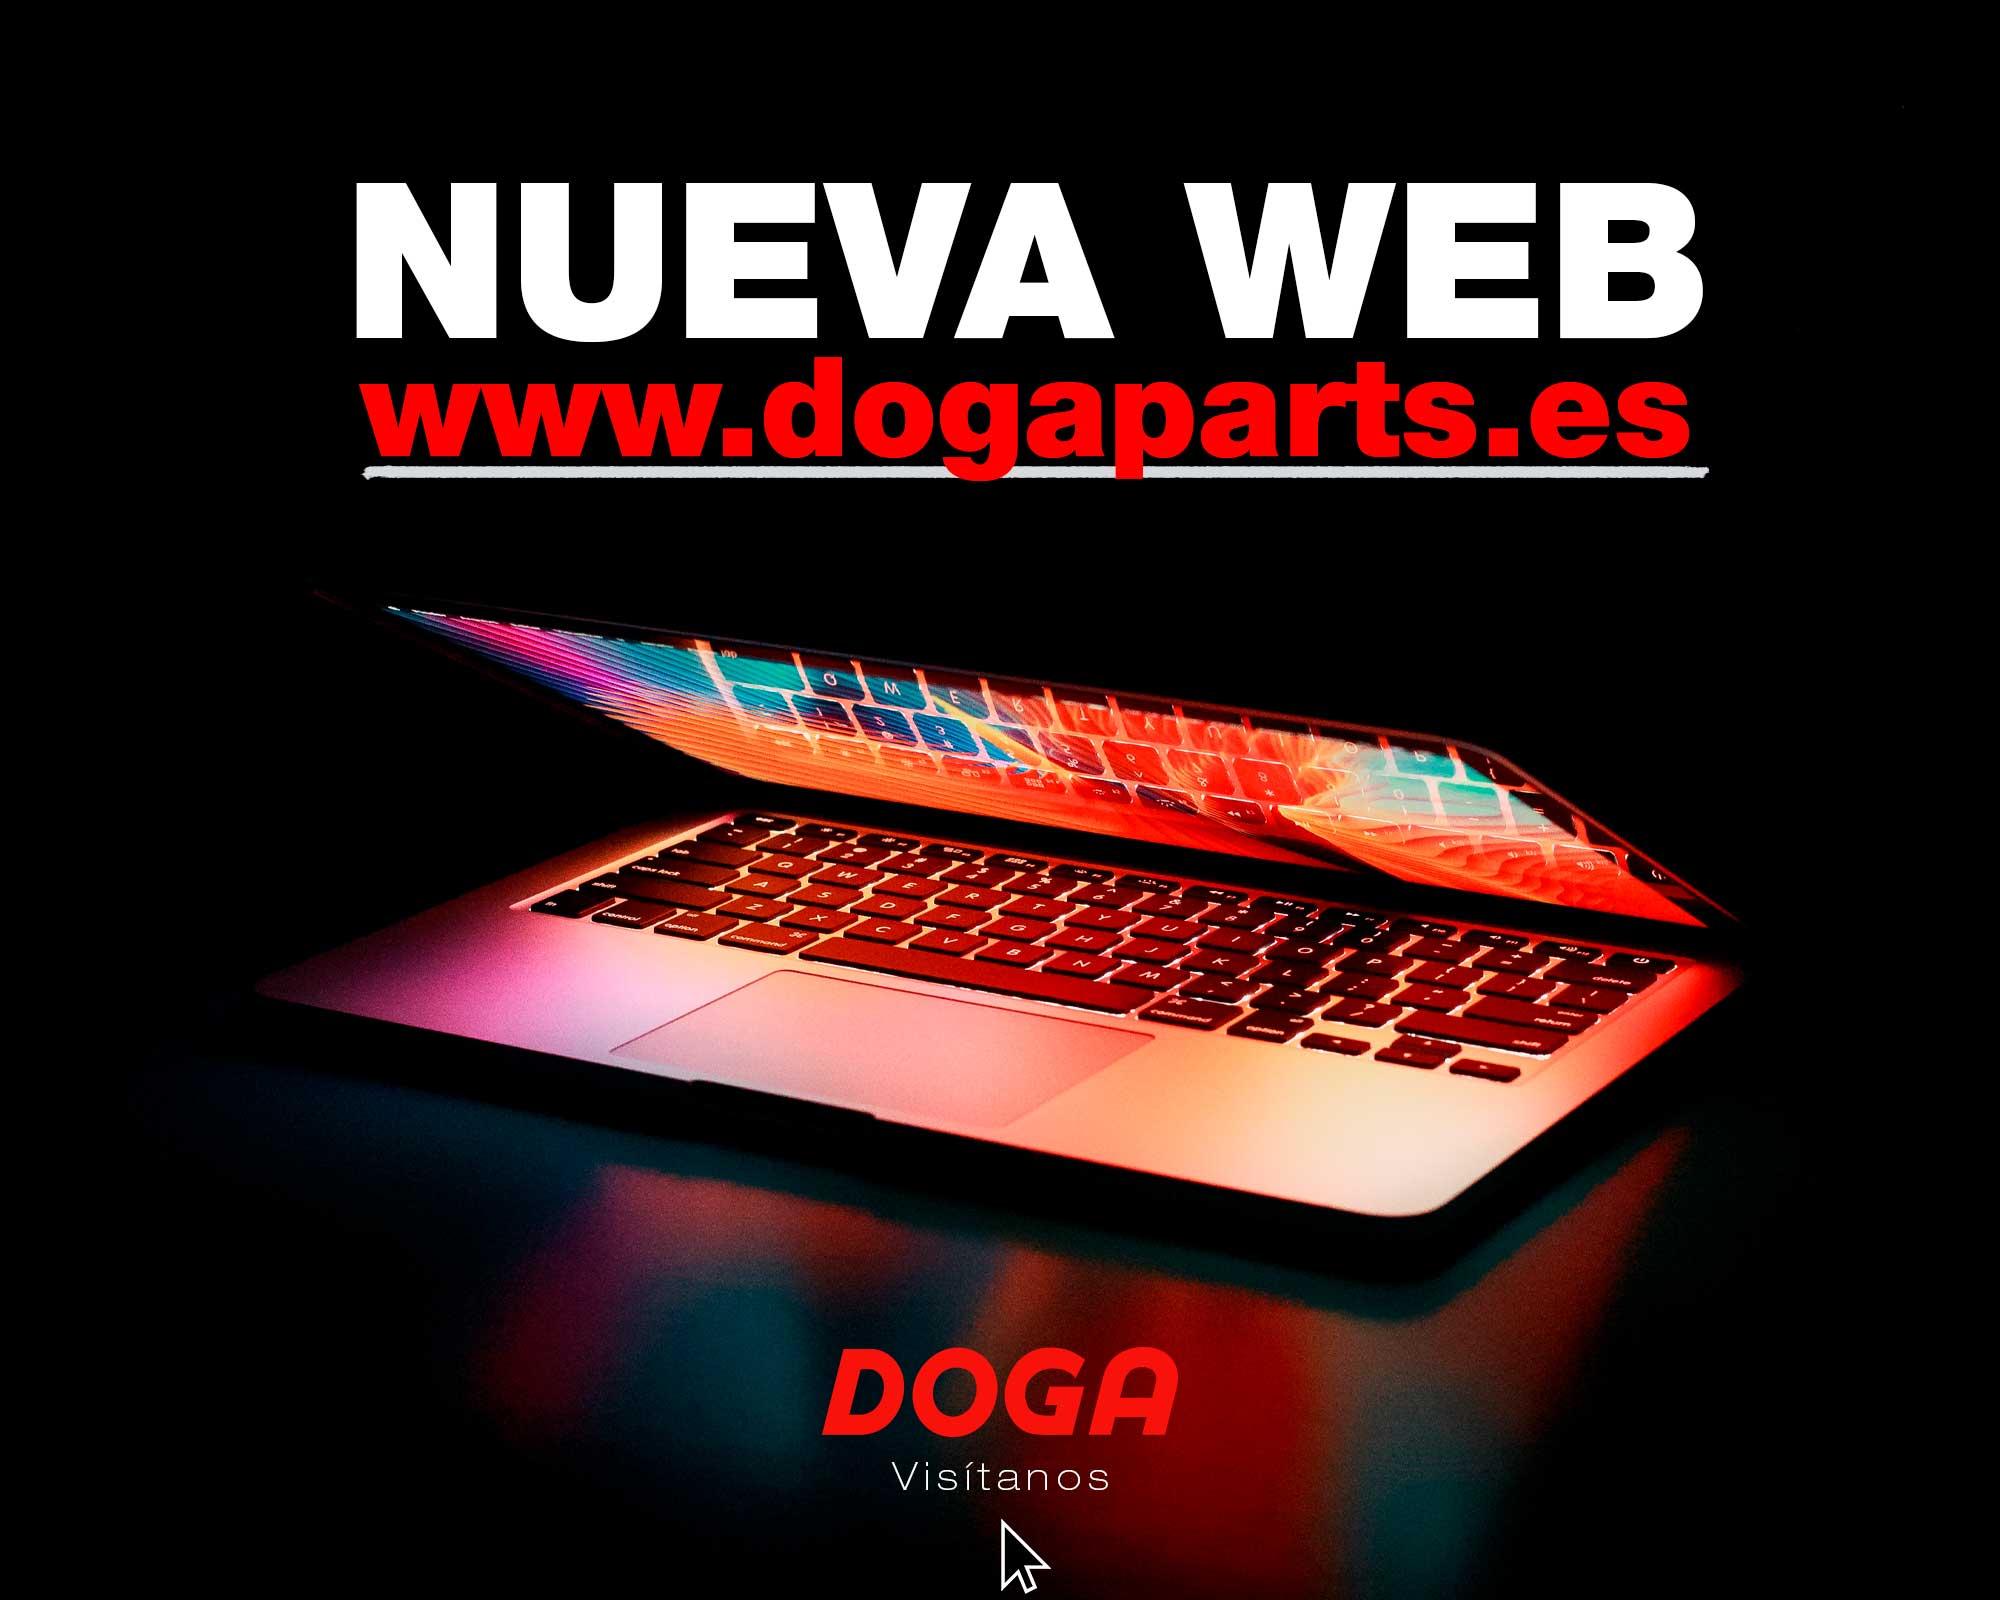 Nueva web www.dogaparts.es